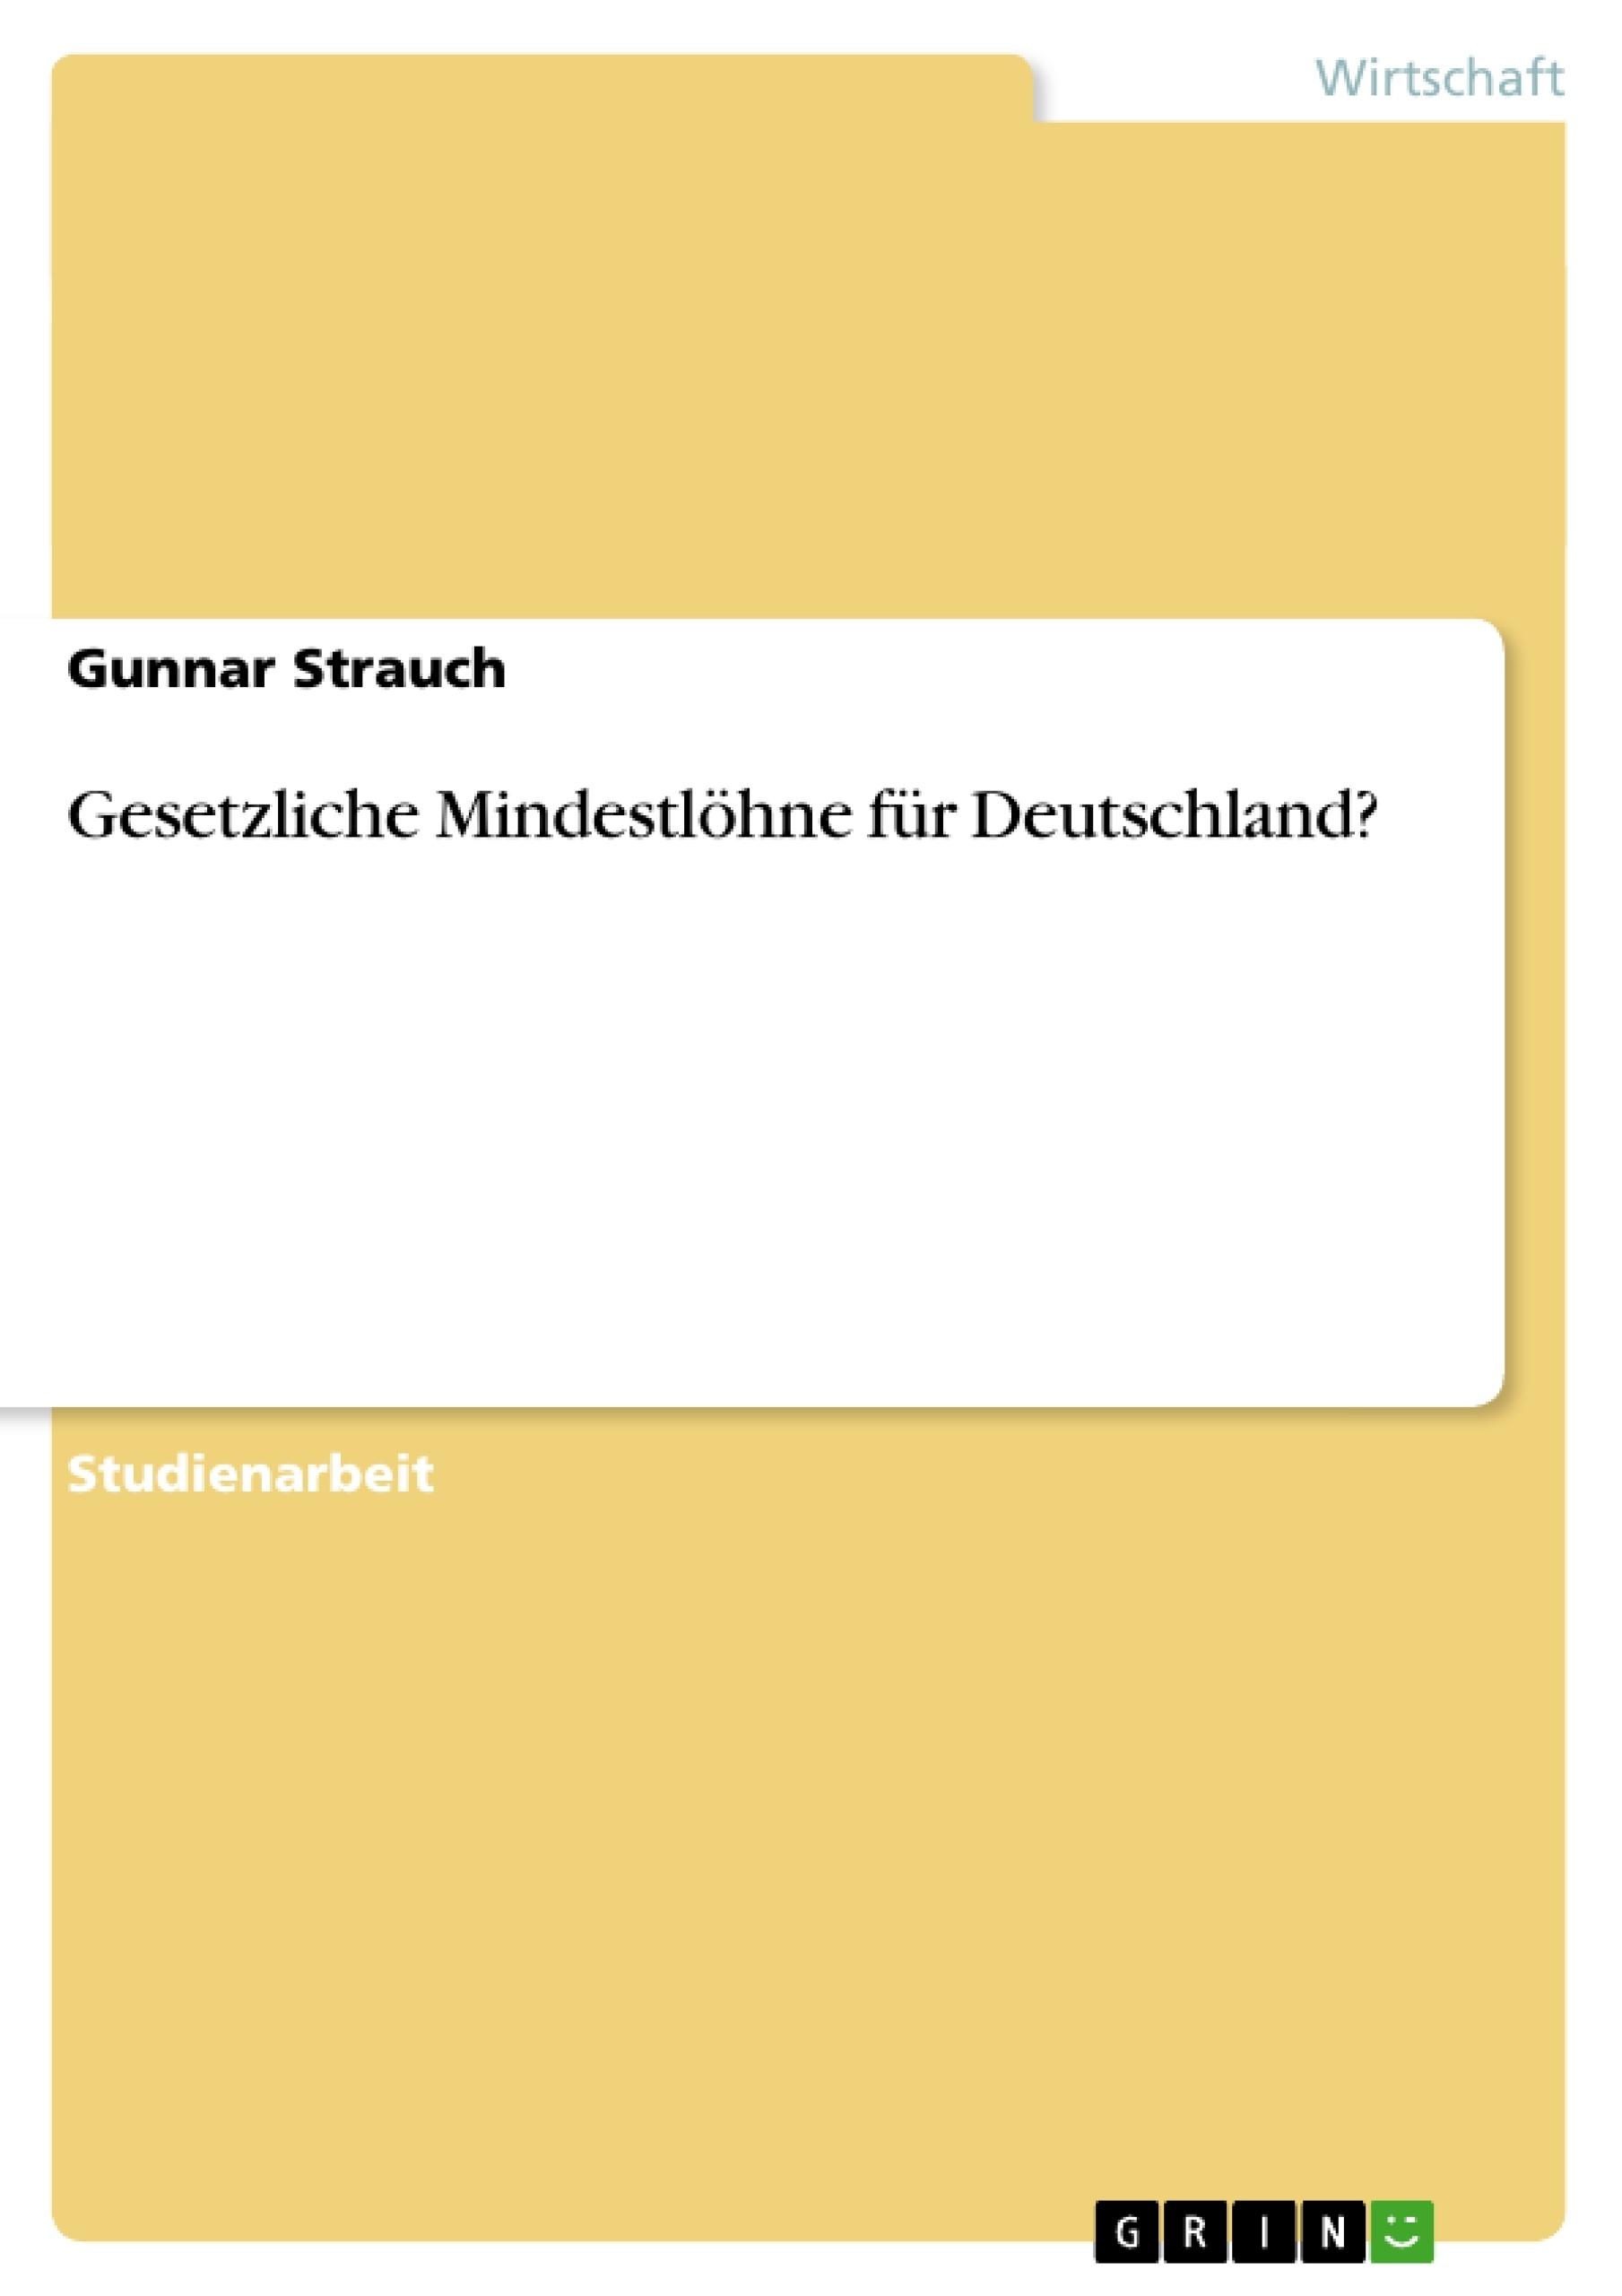 Titel: Gesetzliche Mindestlöhne für Deutschland?